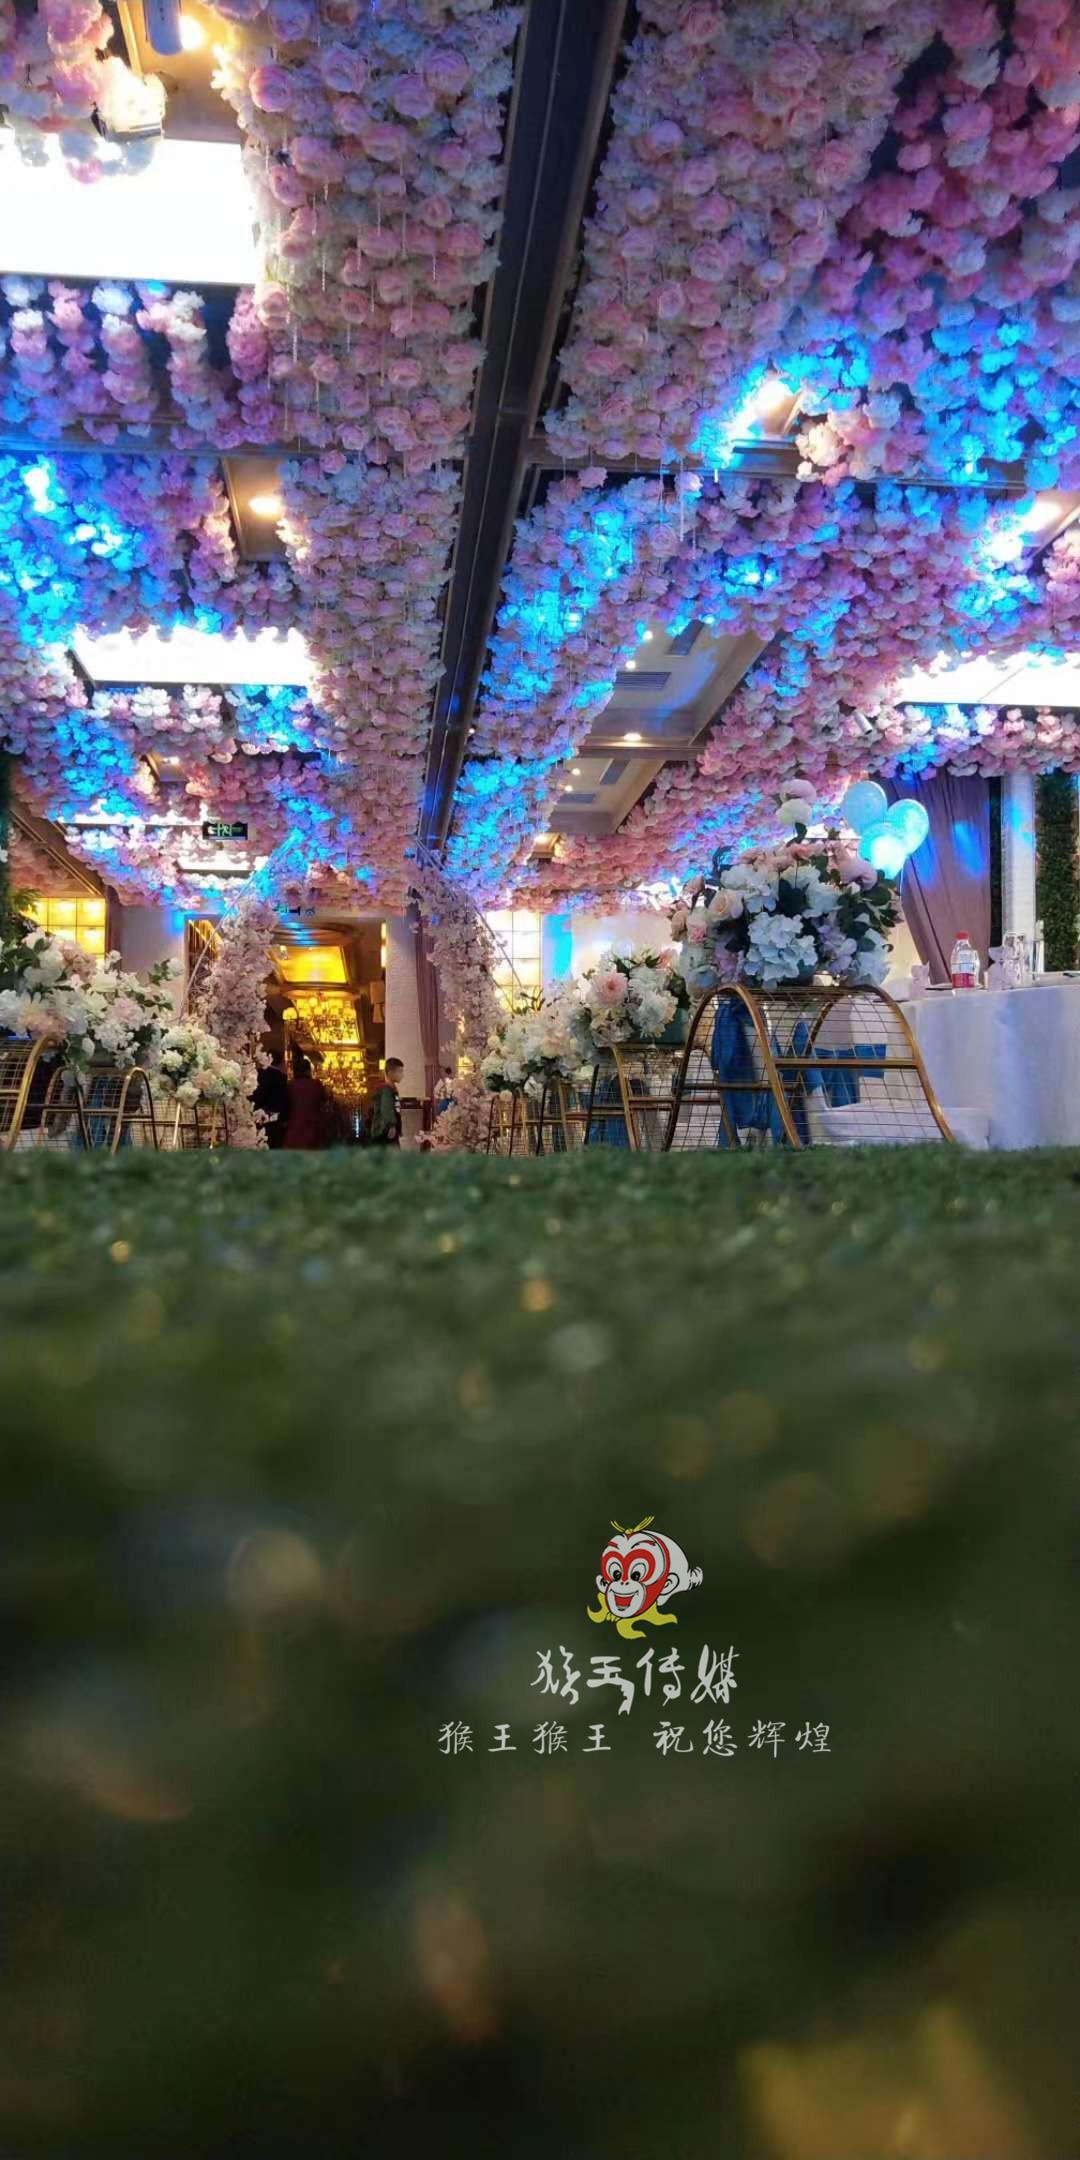 2018年10月2日东苑明珠森系婚礼-630844650396363482